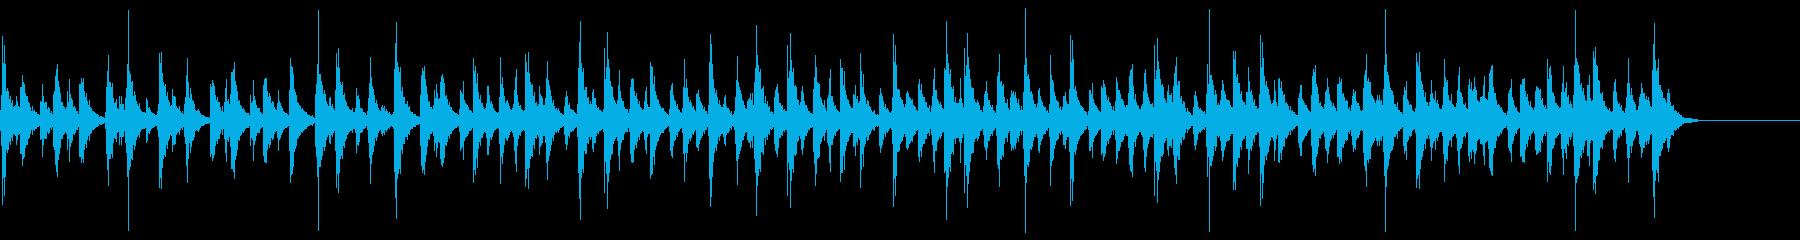 CM・ストンプ・クラップ・スタイリッシュの再生済みの波形